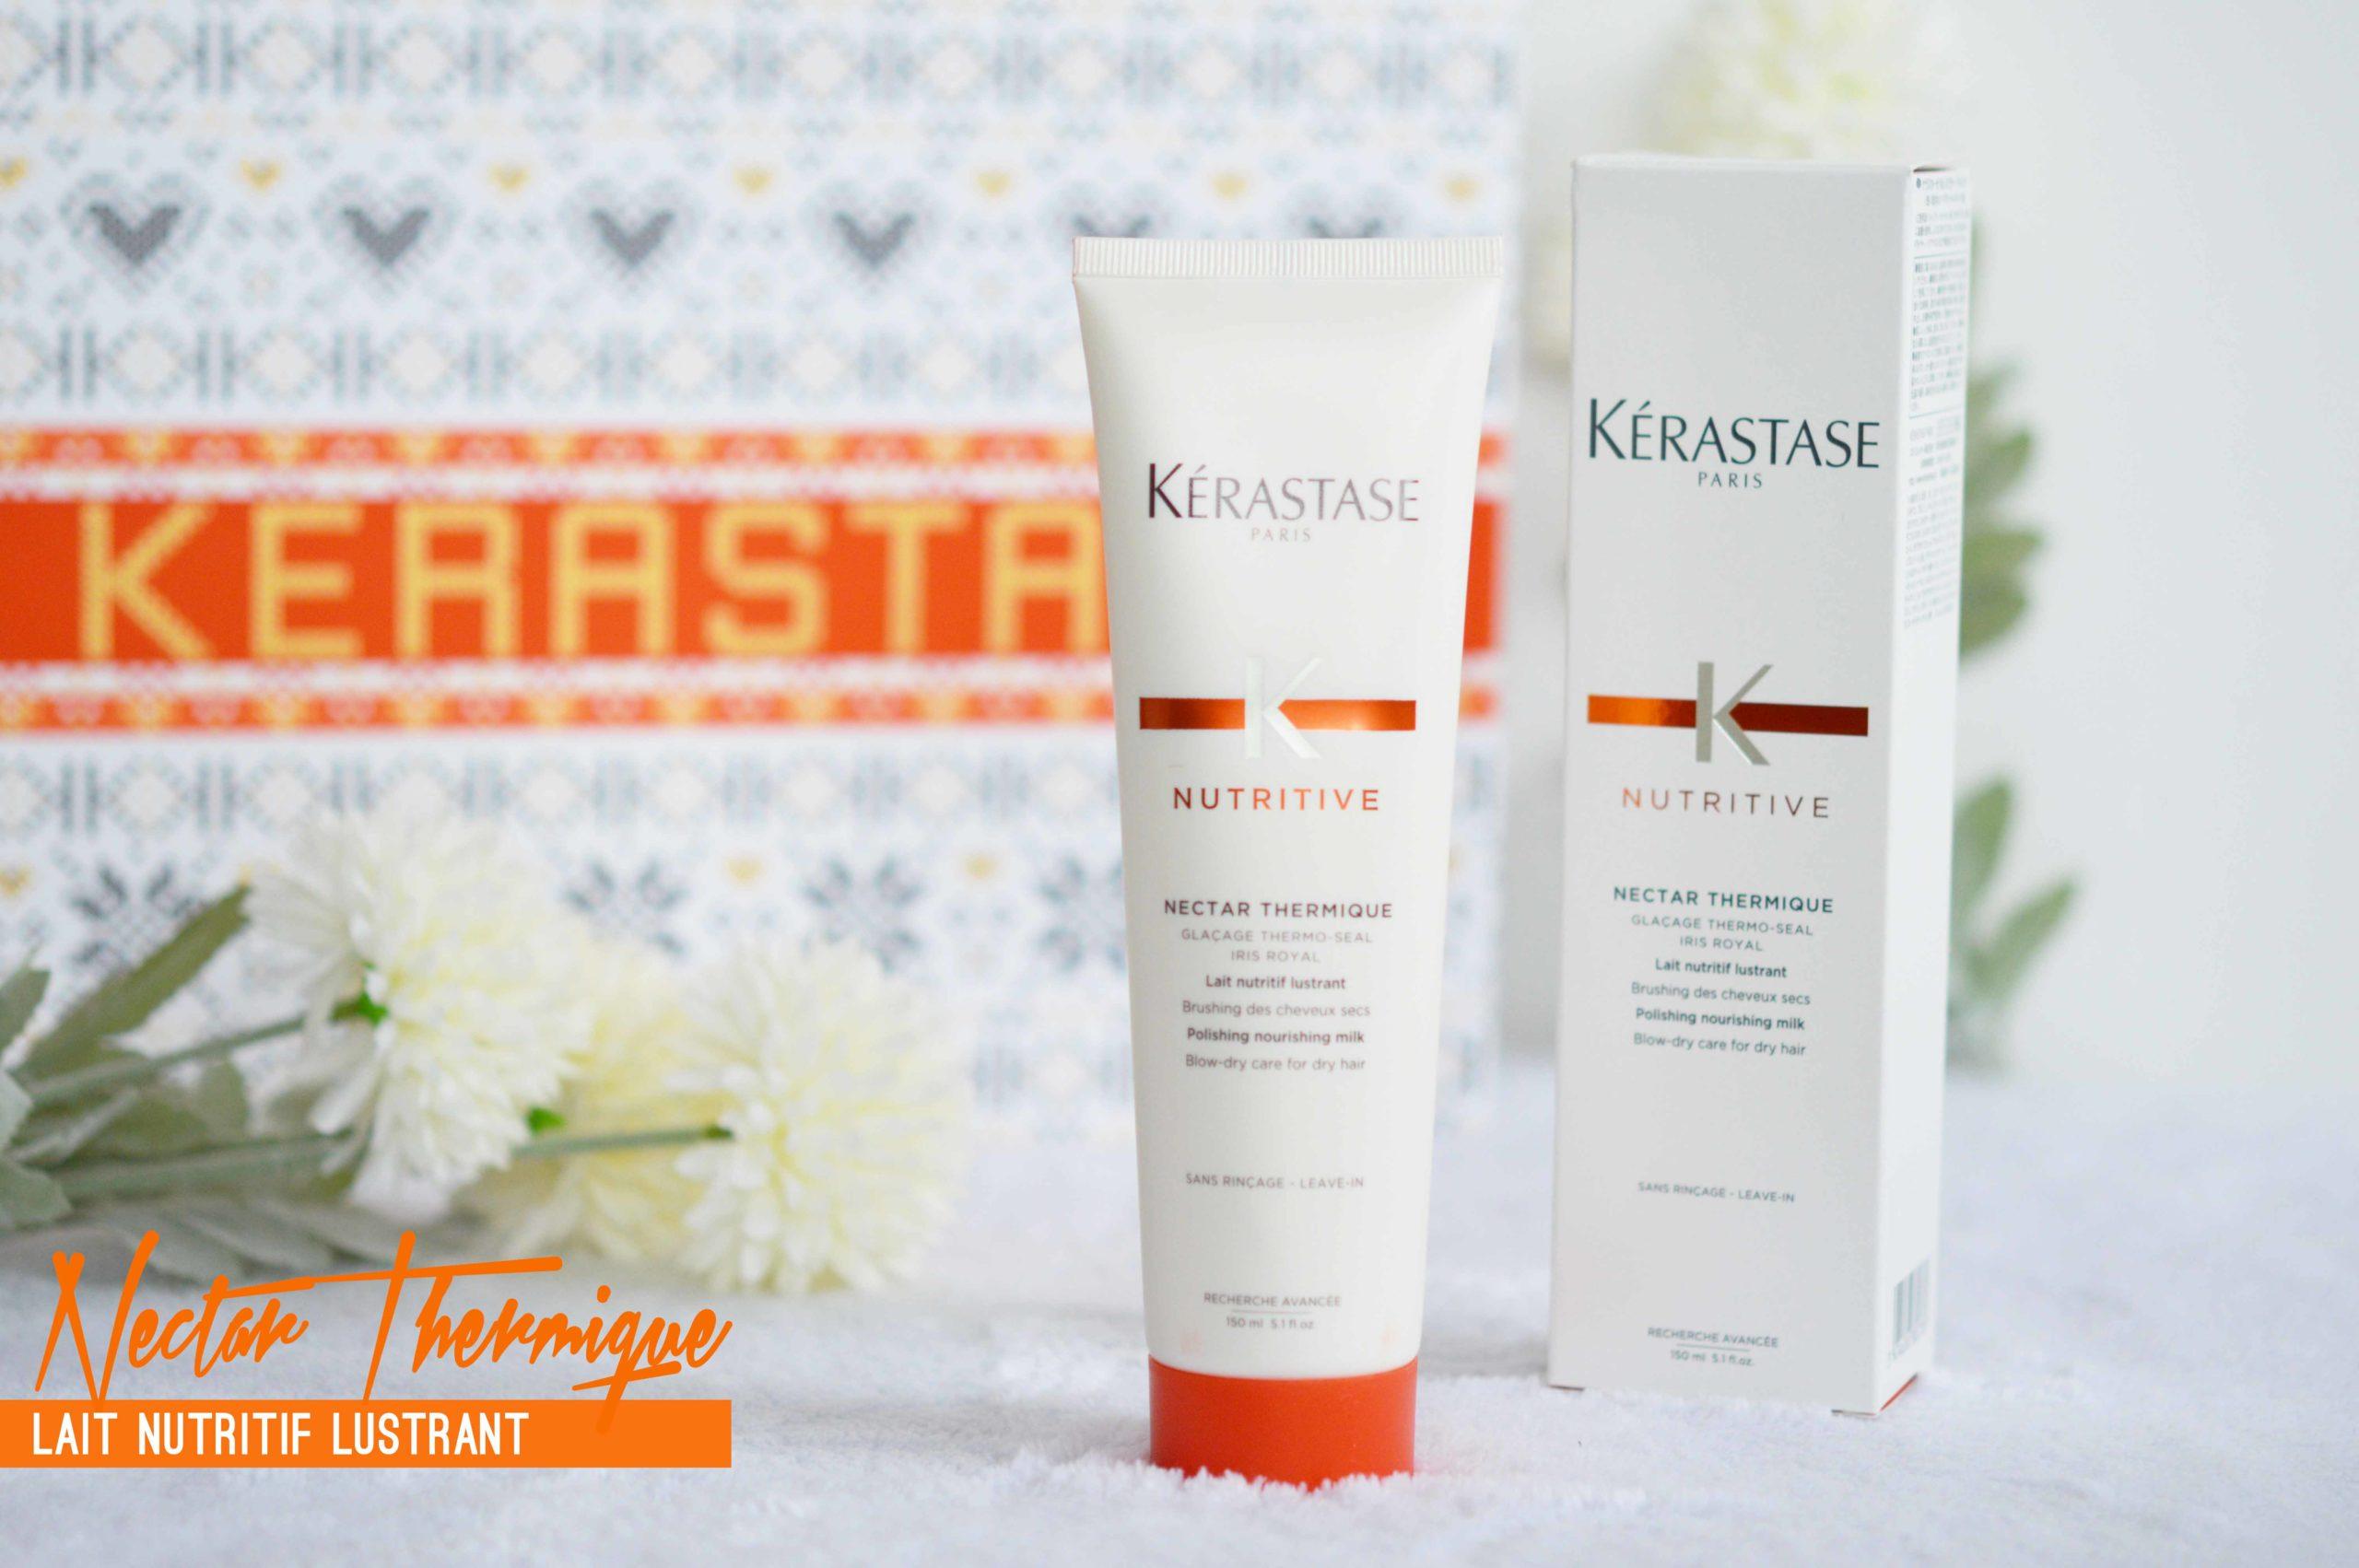 Nectar Thermique de Kerastase